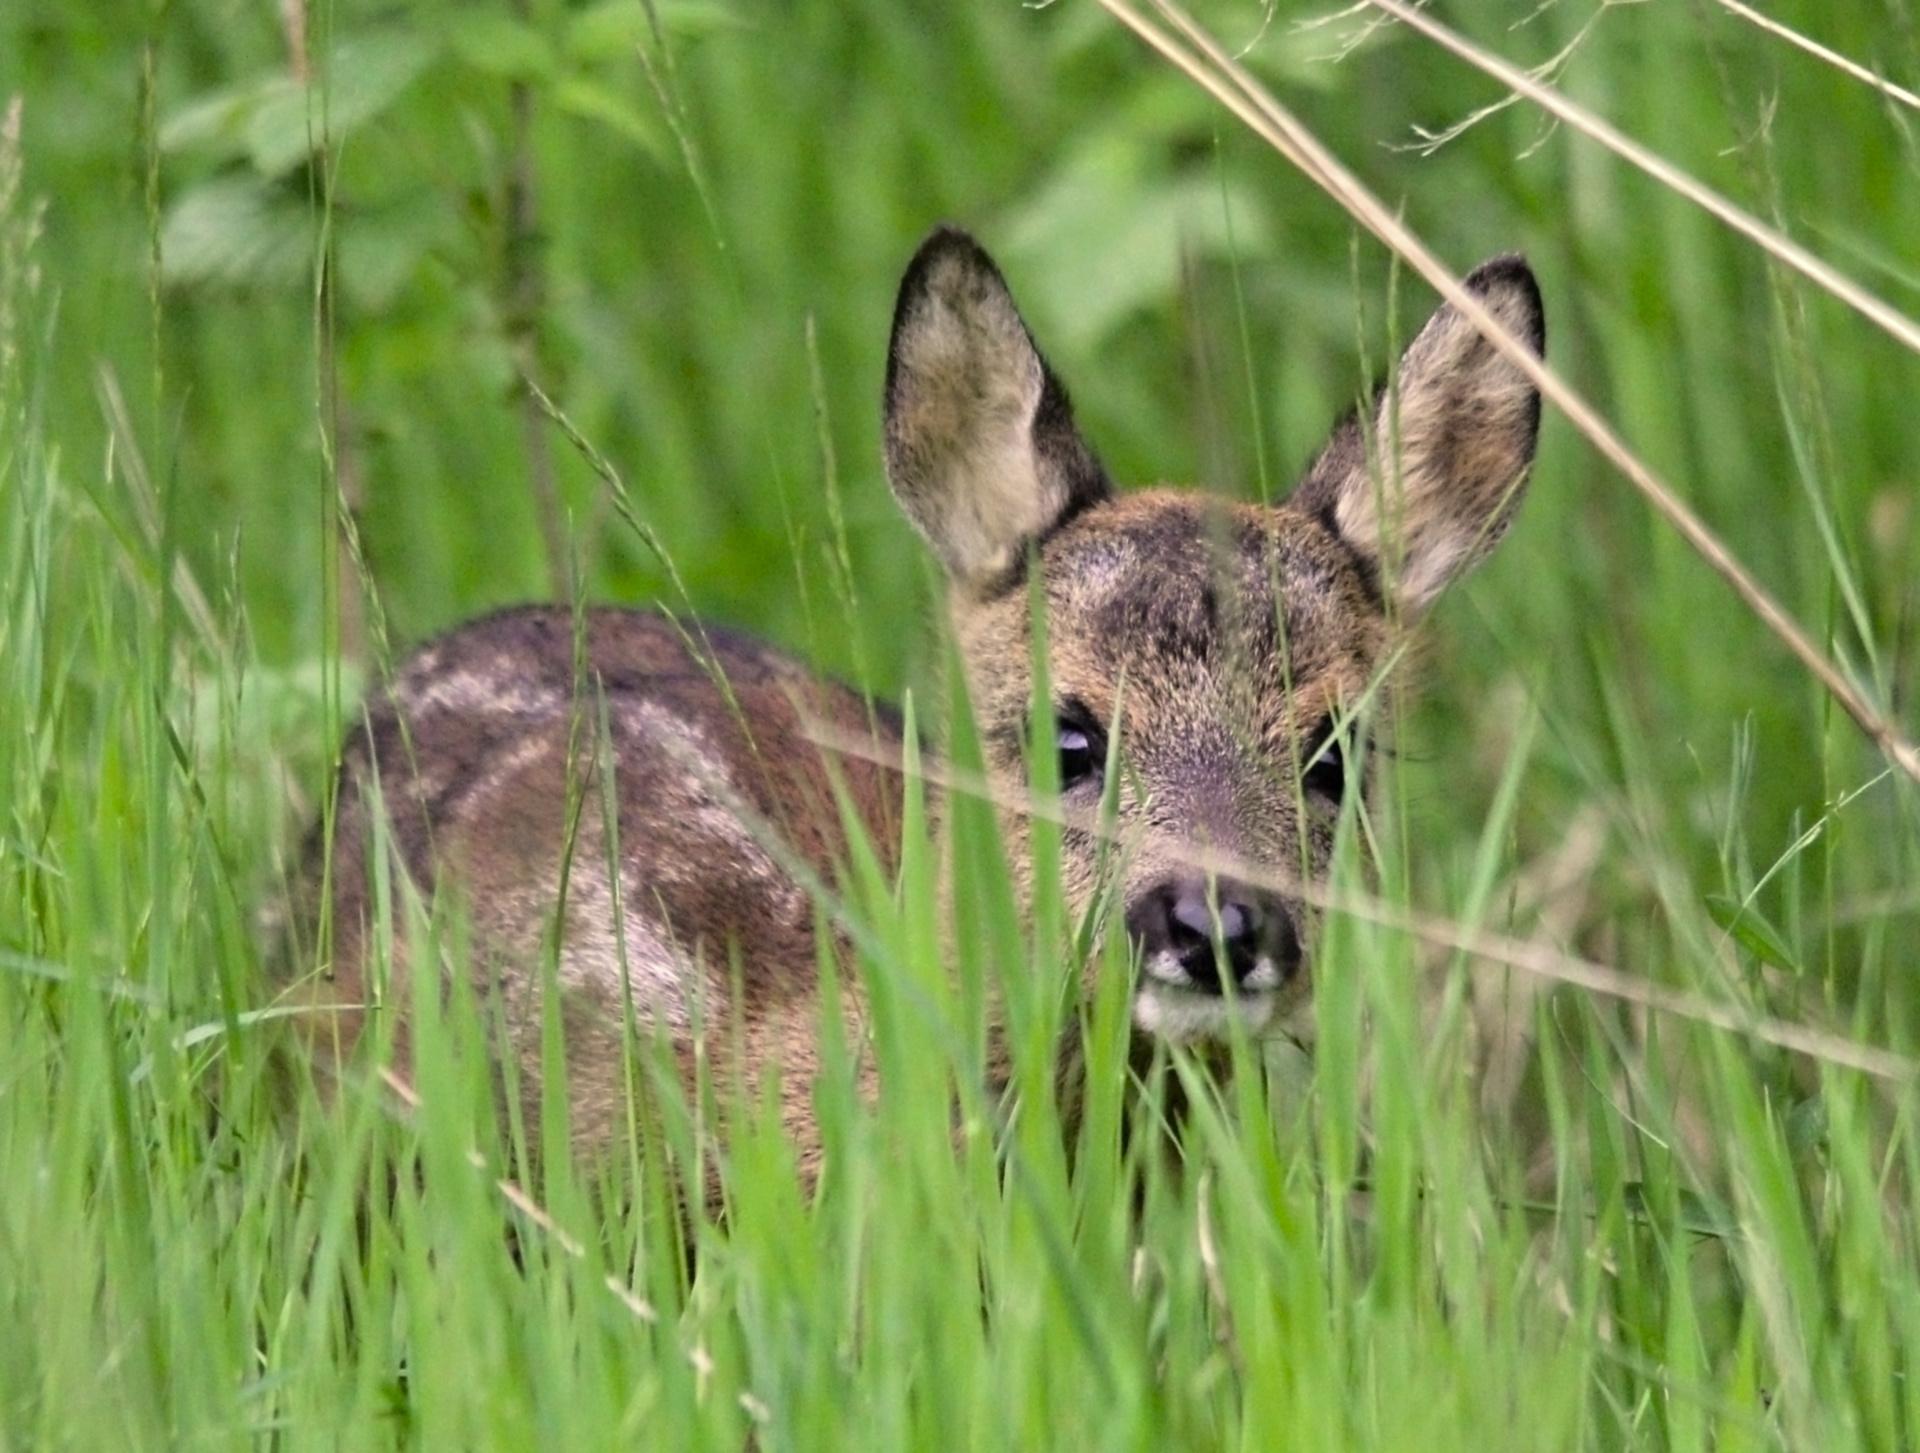 Roe deer baby